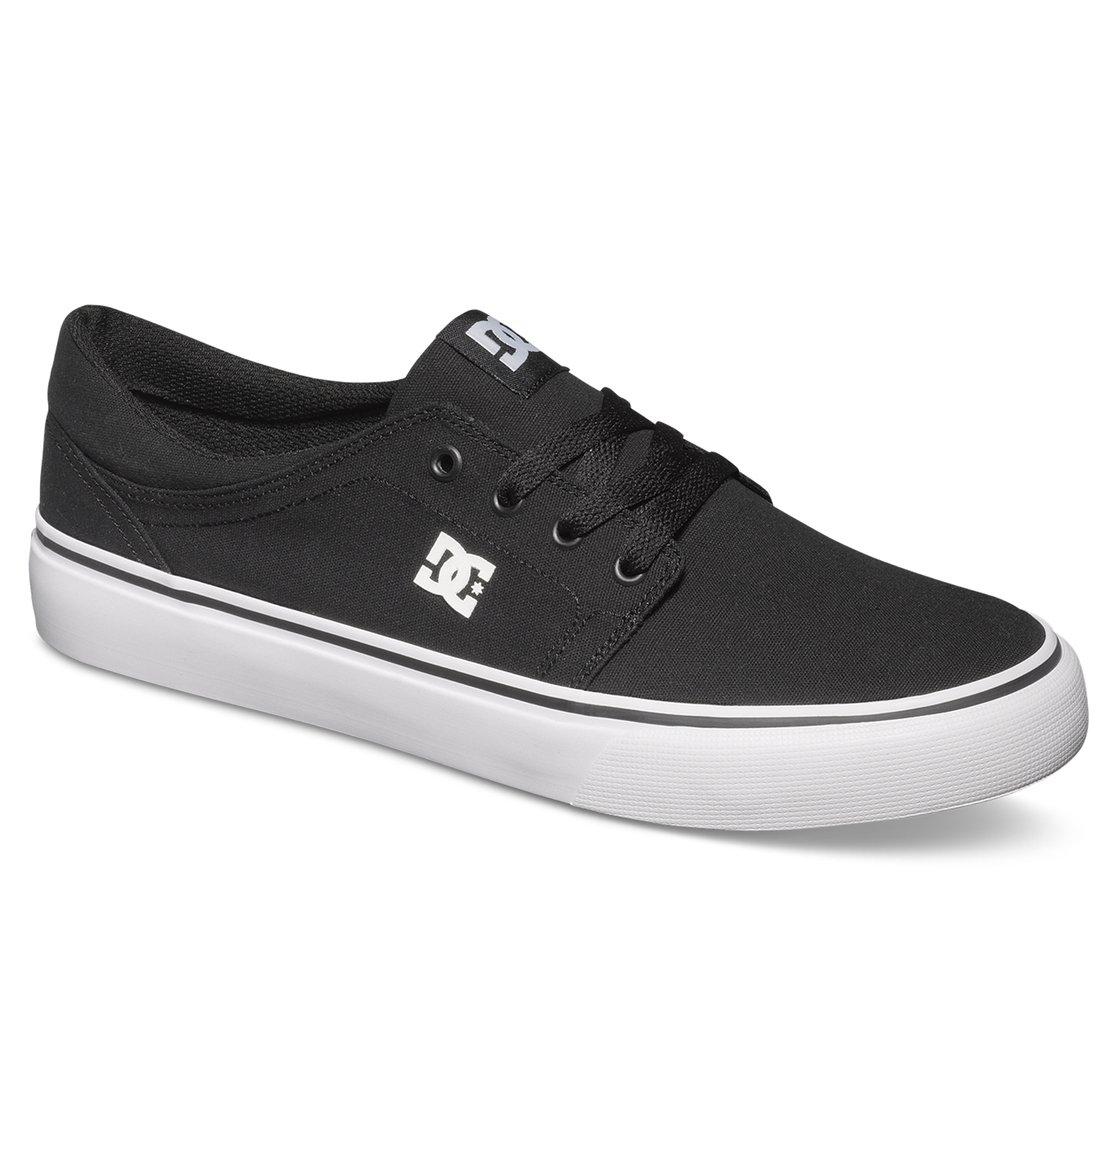 DC-Shoes-Trase-TX-Baskets-pour-Homme-ADYS300126 miniature 26